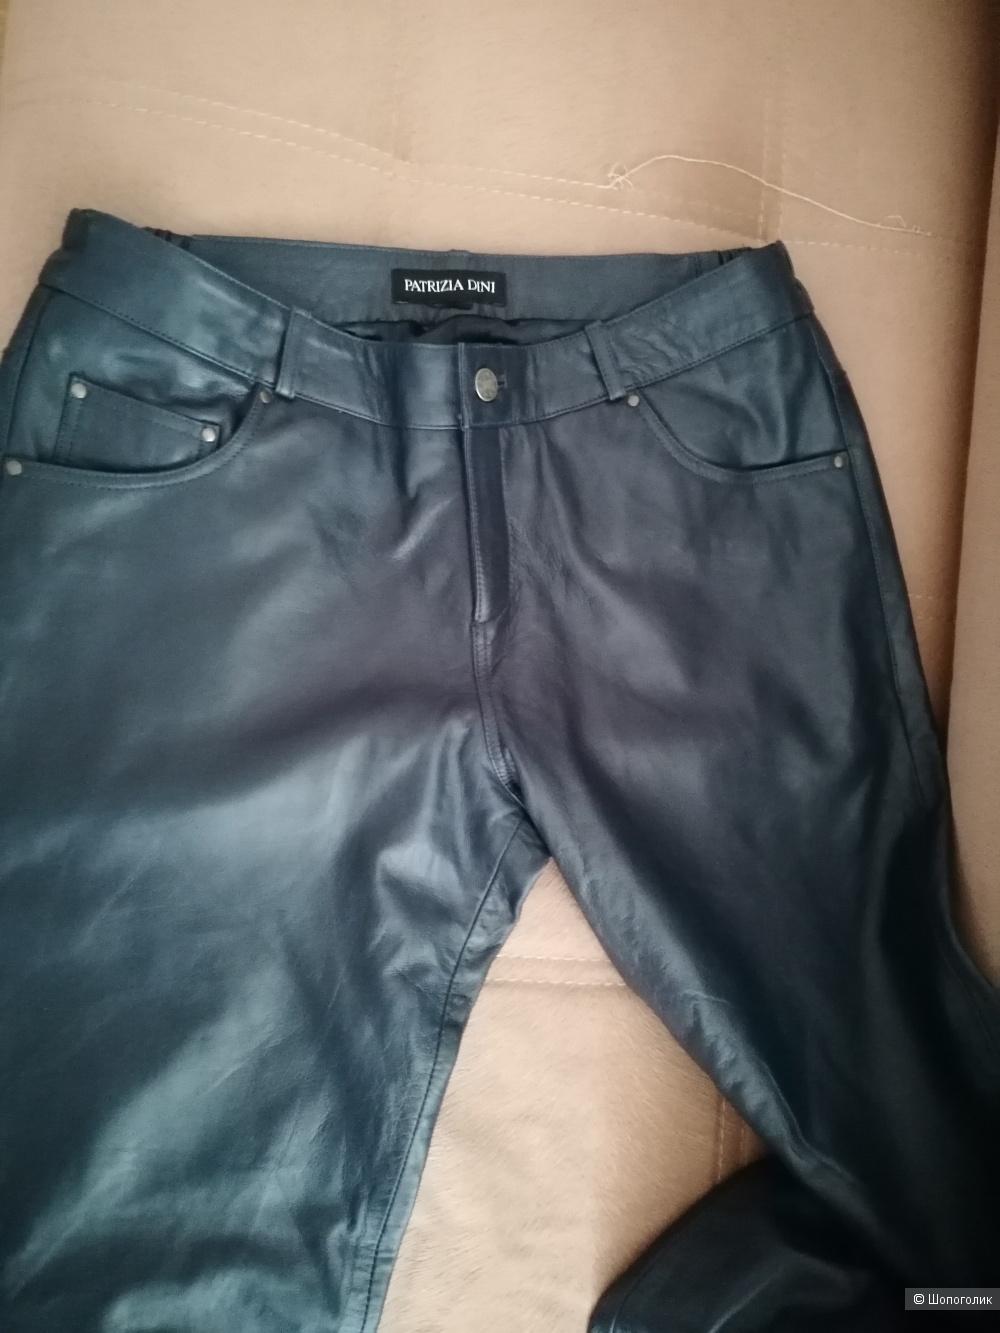 Кожаные брюки Patrizia Dini размер 42 европейский